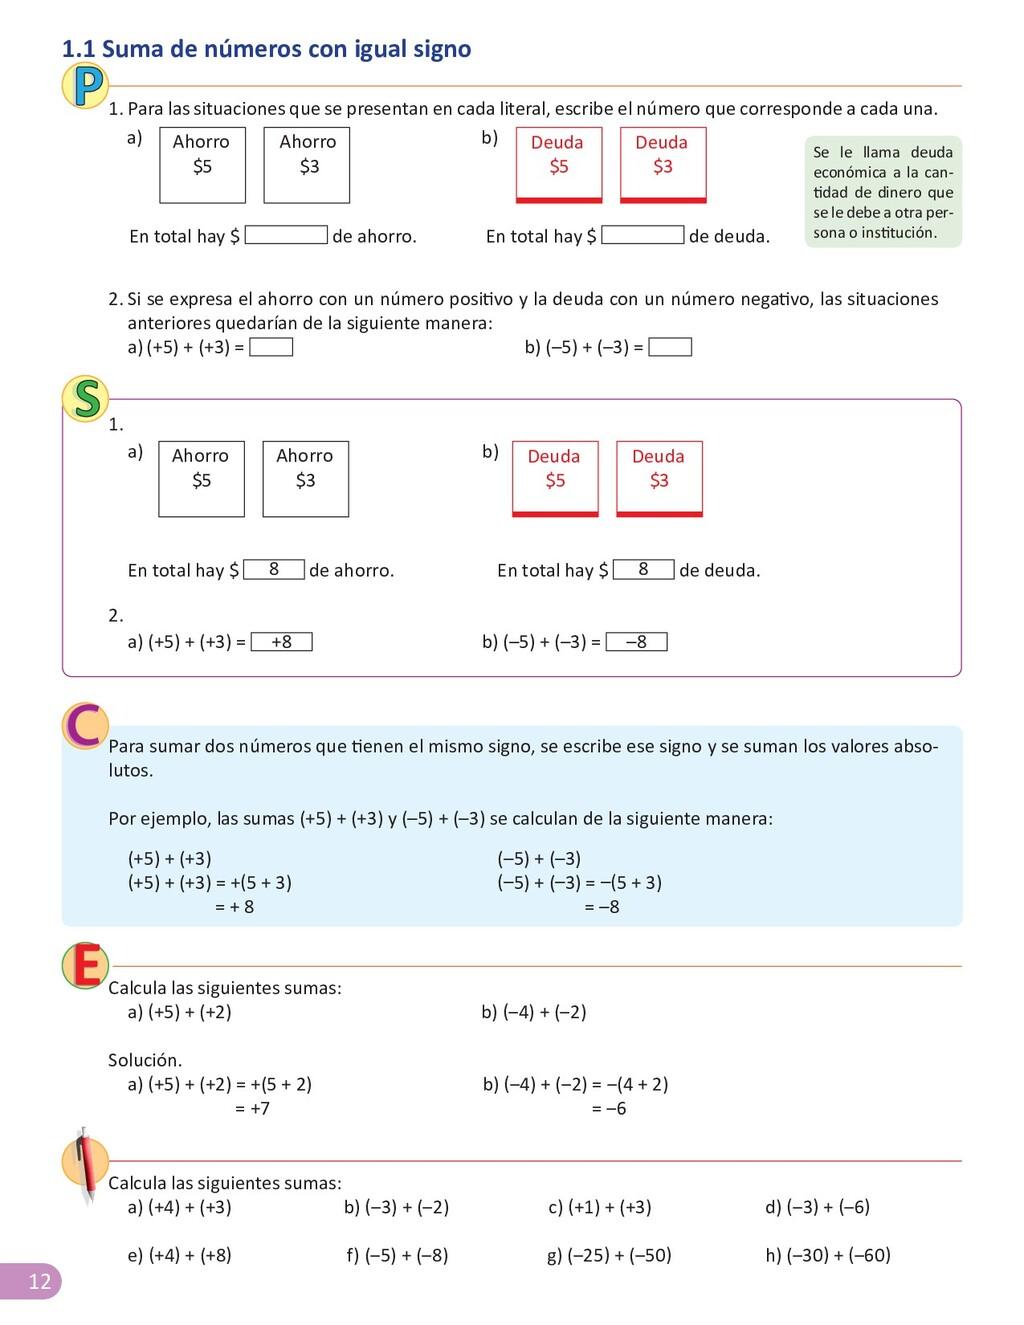 12 a) (+5) + (+3) = +8 b) (–5) + (–3) = –8 1.1 ...